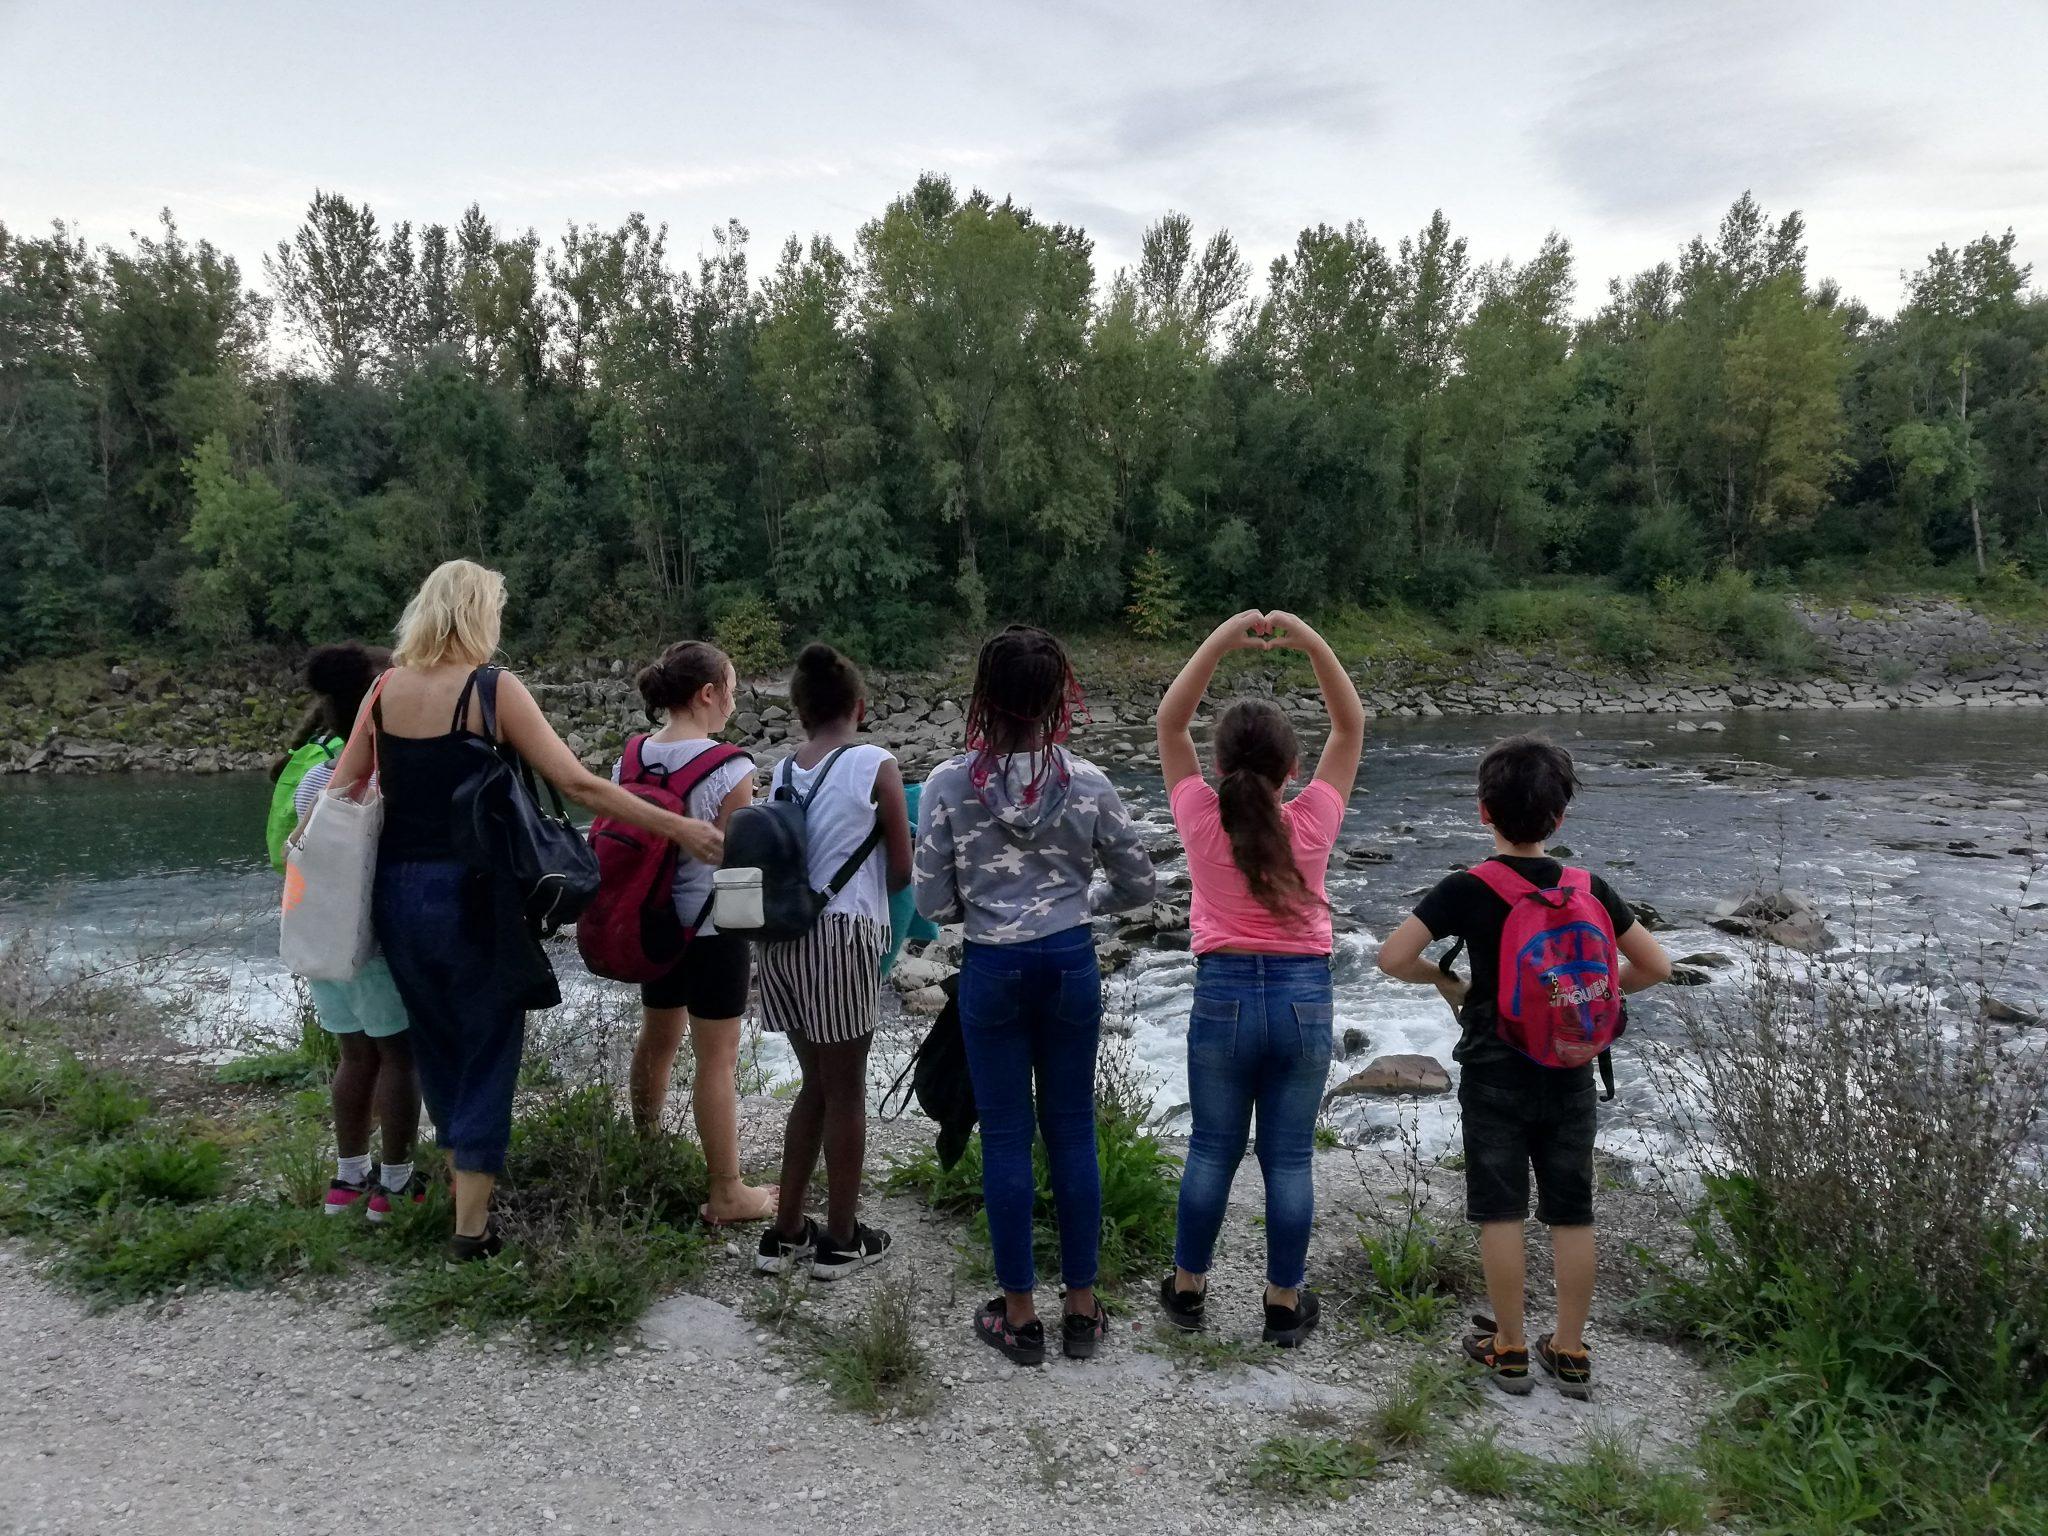 Ausflug: Grillen am Jauckerbach